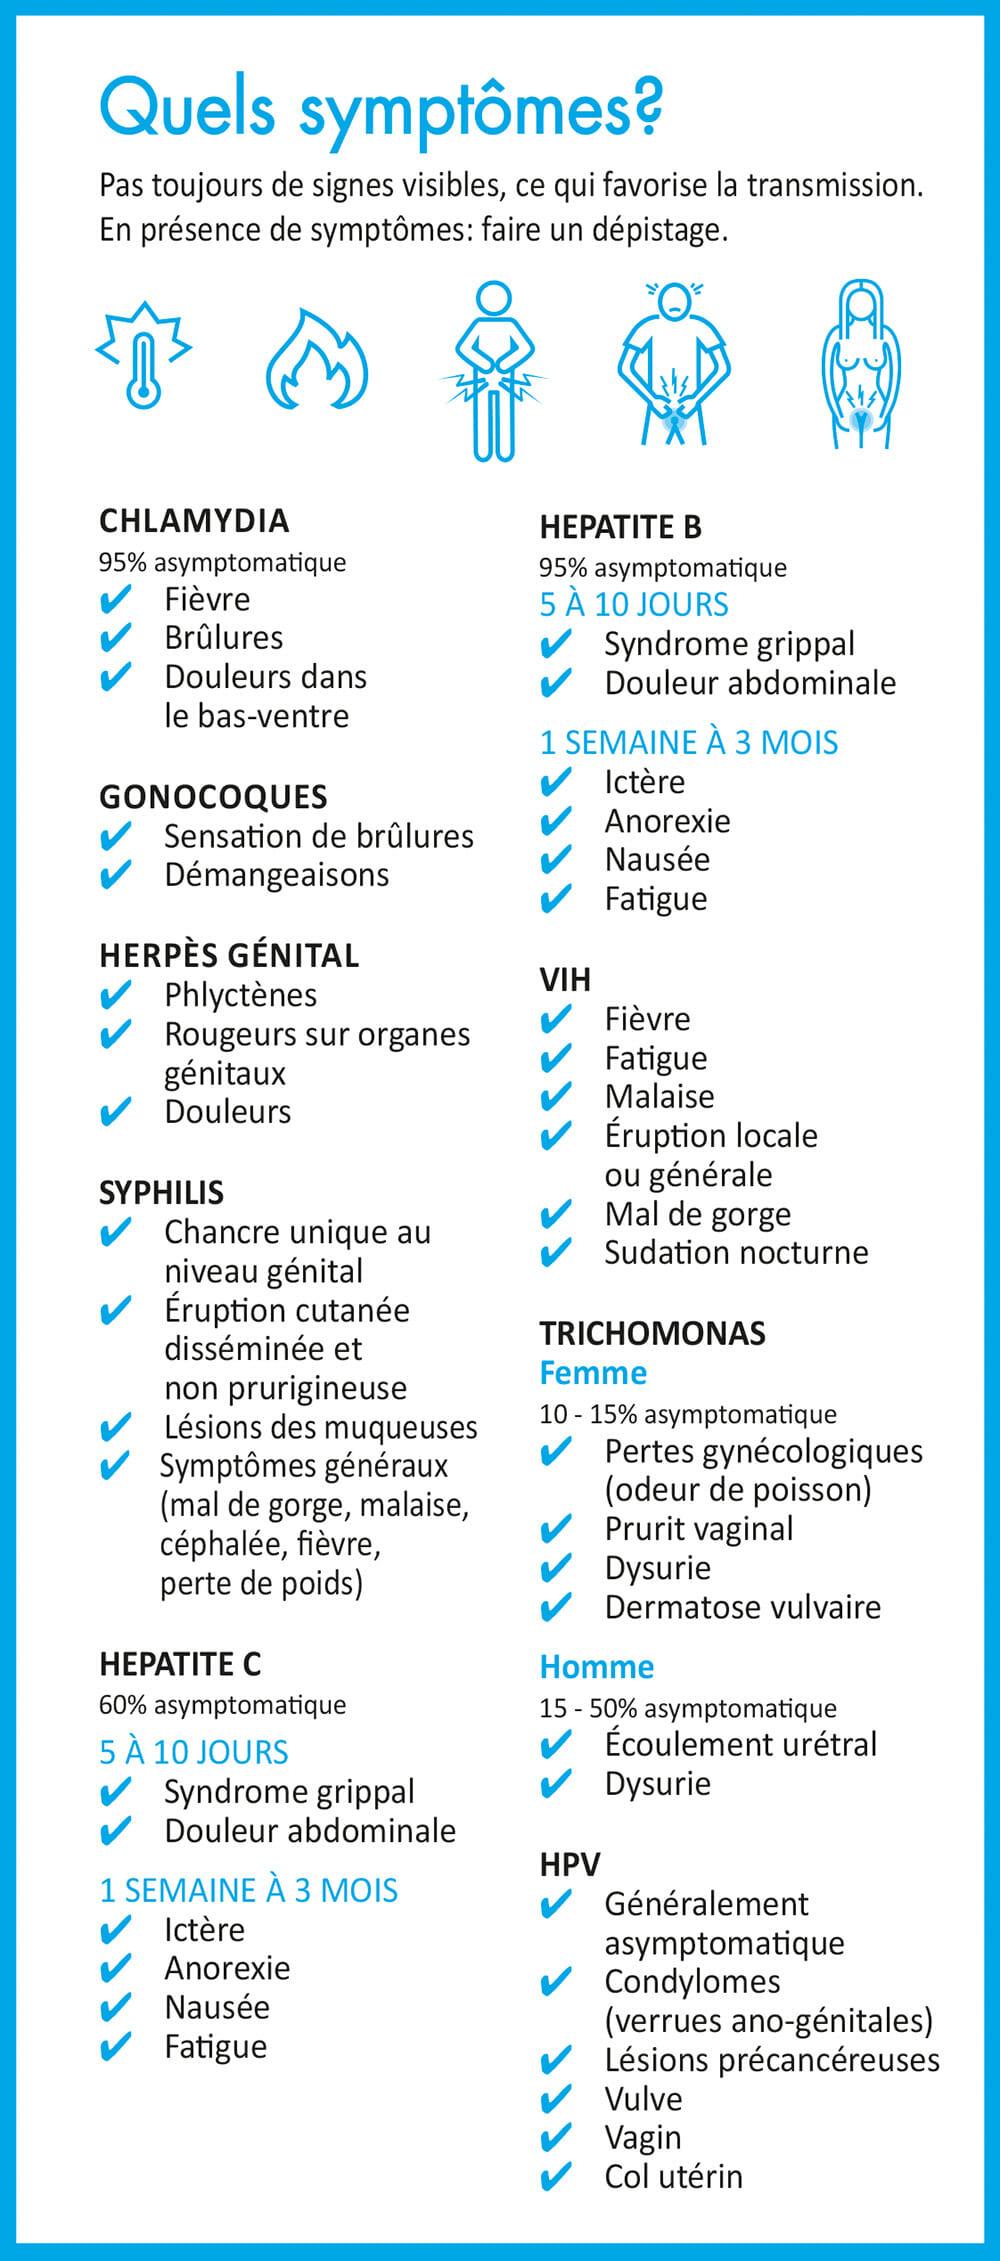 hpv genital traitement ausie deparazitare